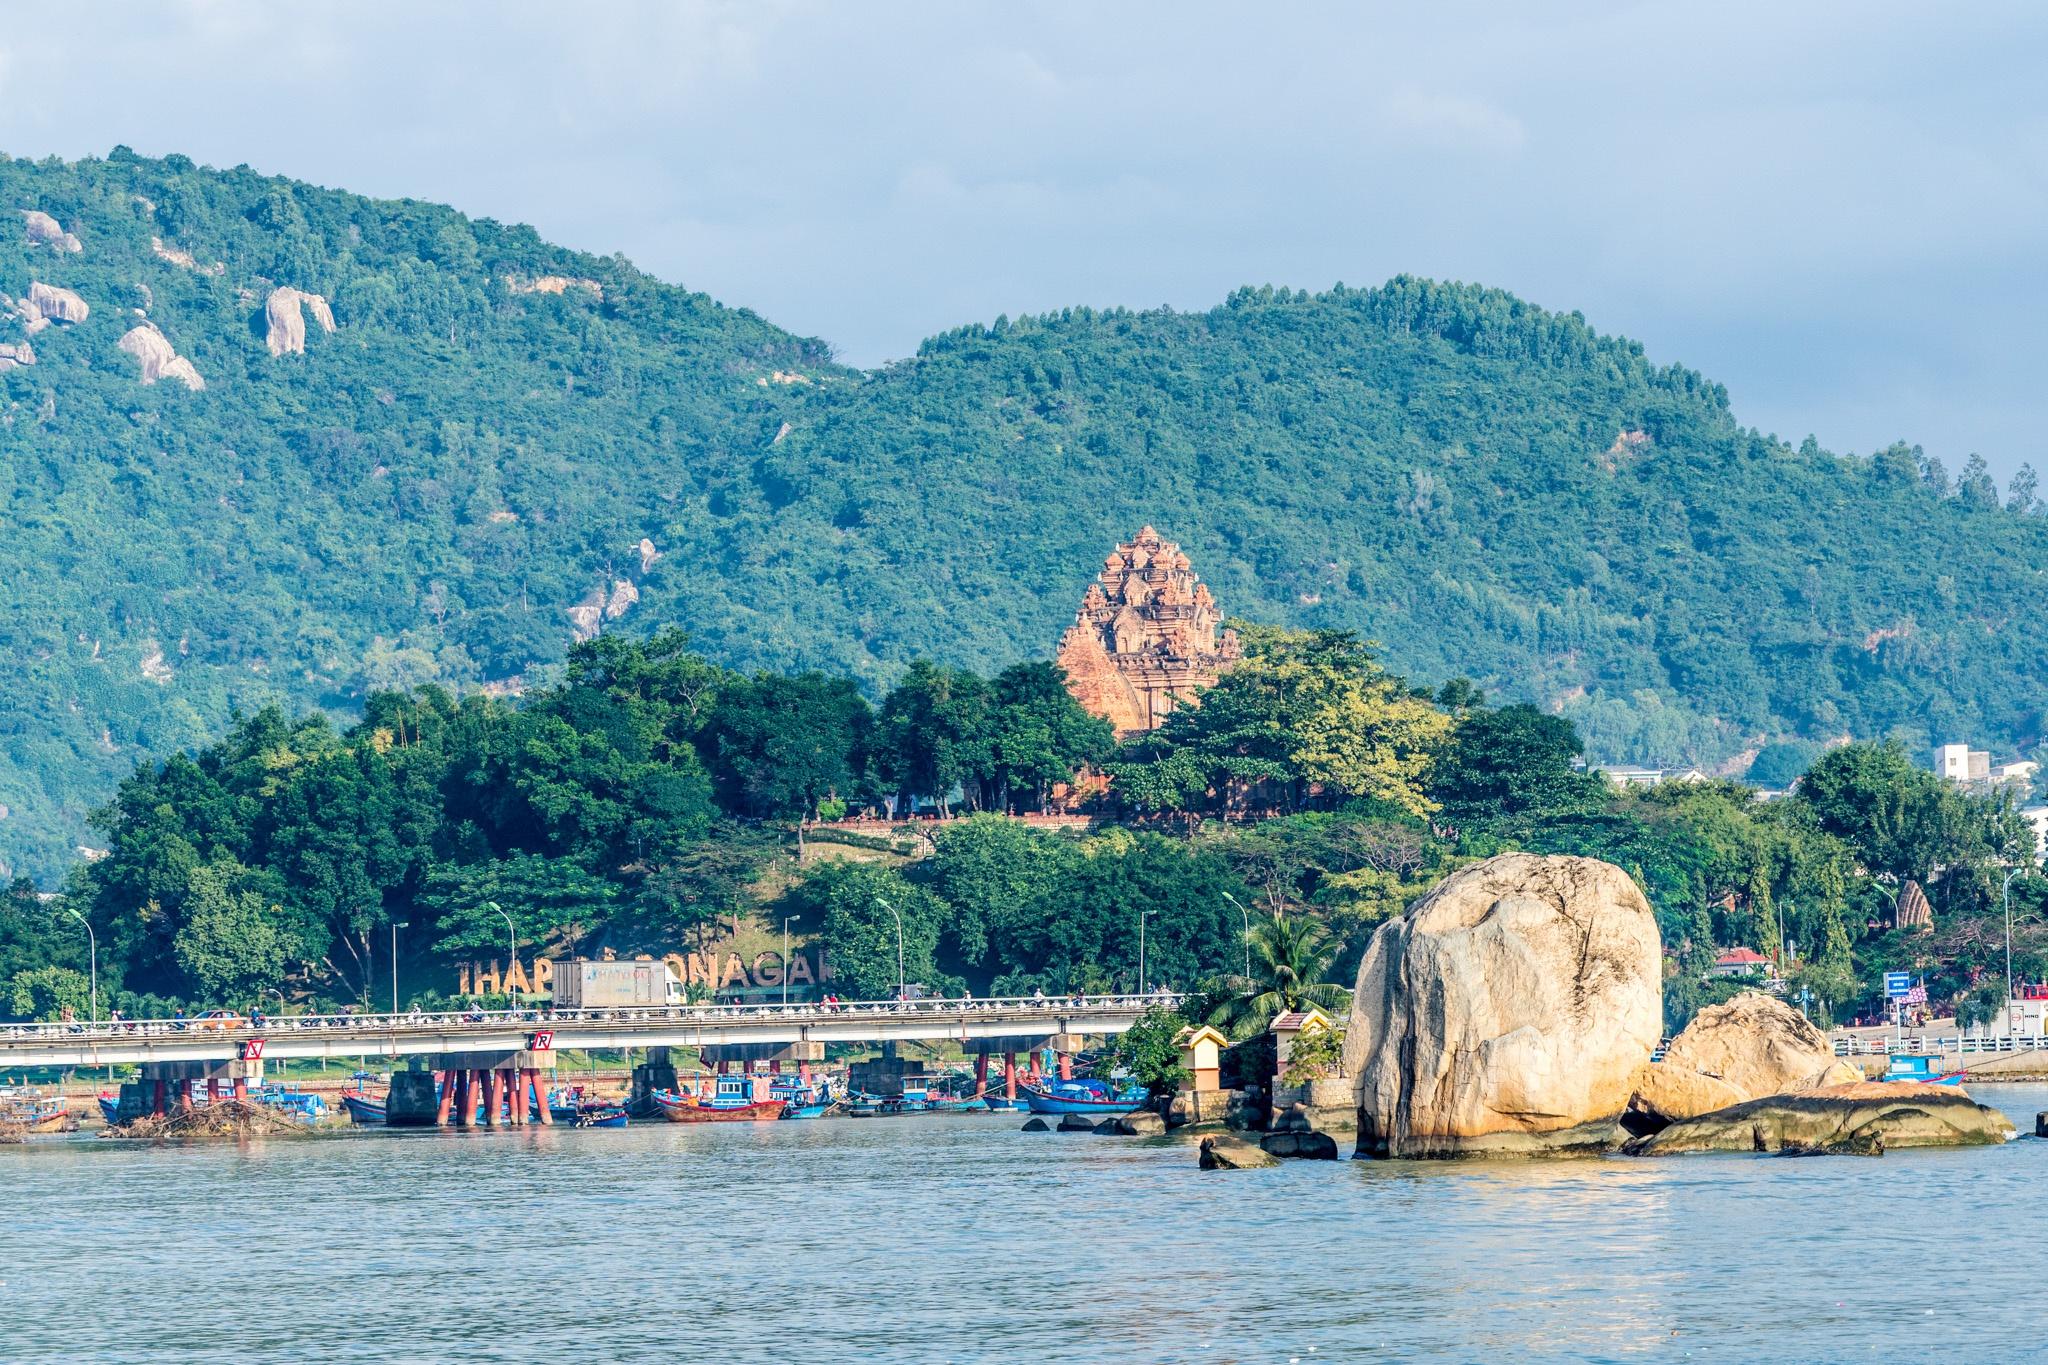 Chuyến đi mùa hè đến thiên đường biển đảo Nha Trang - Ảnh 14.